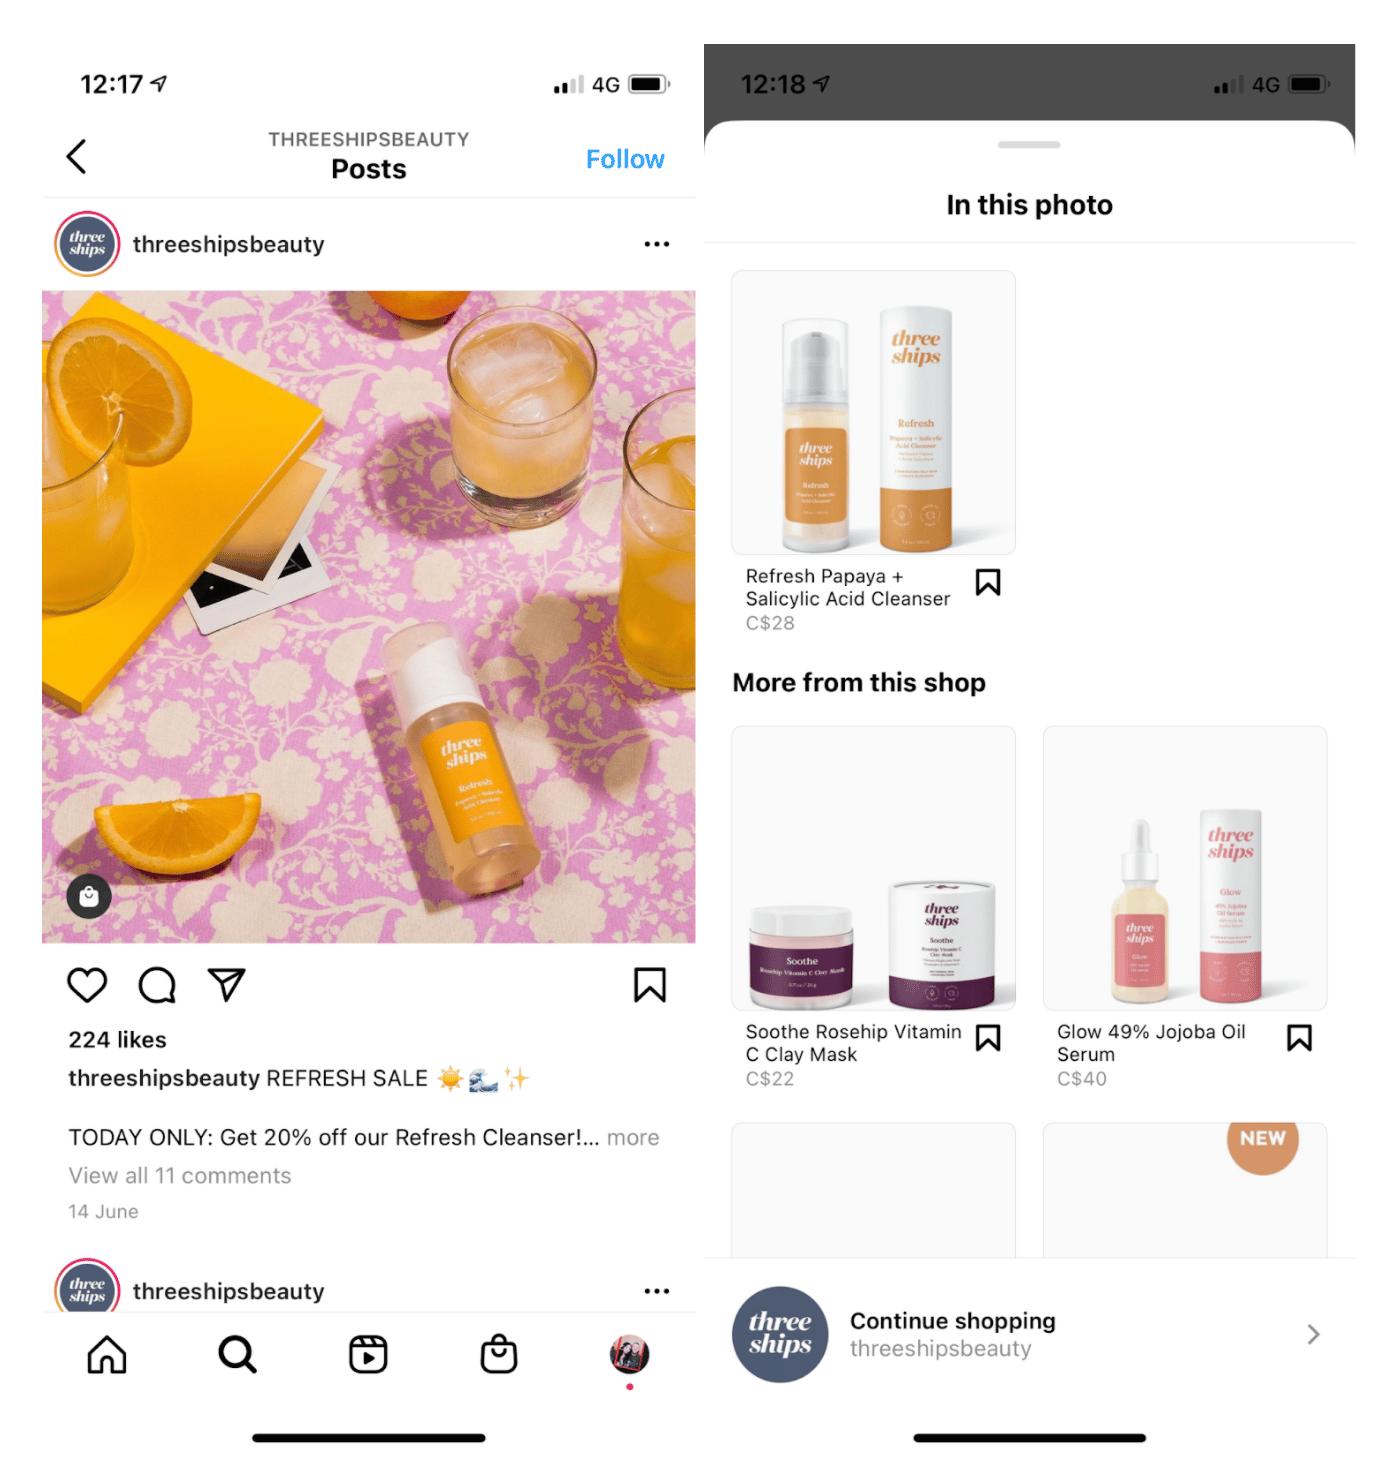 threeshipsbeauty shoppable post example